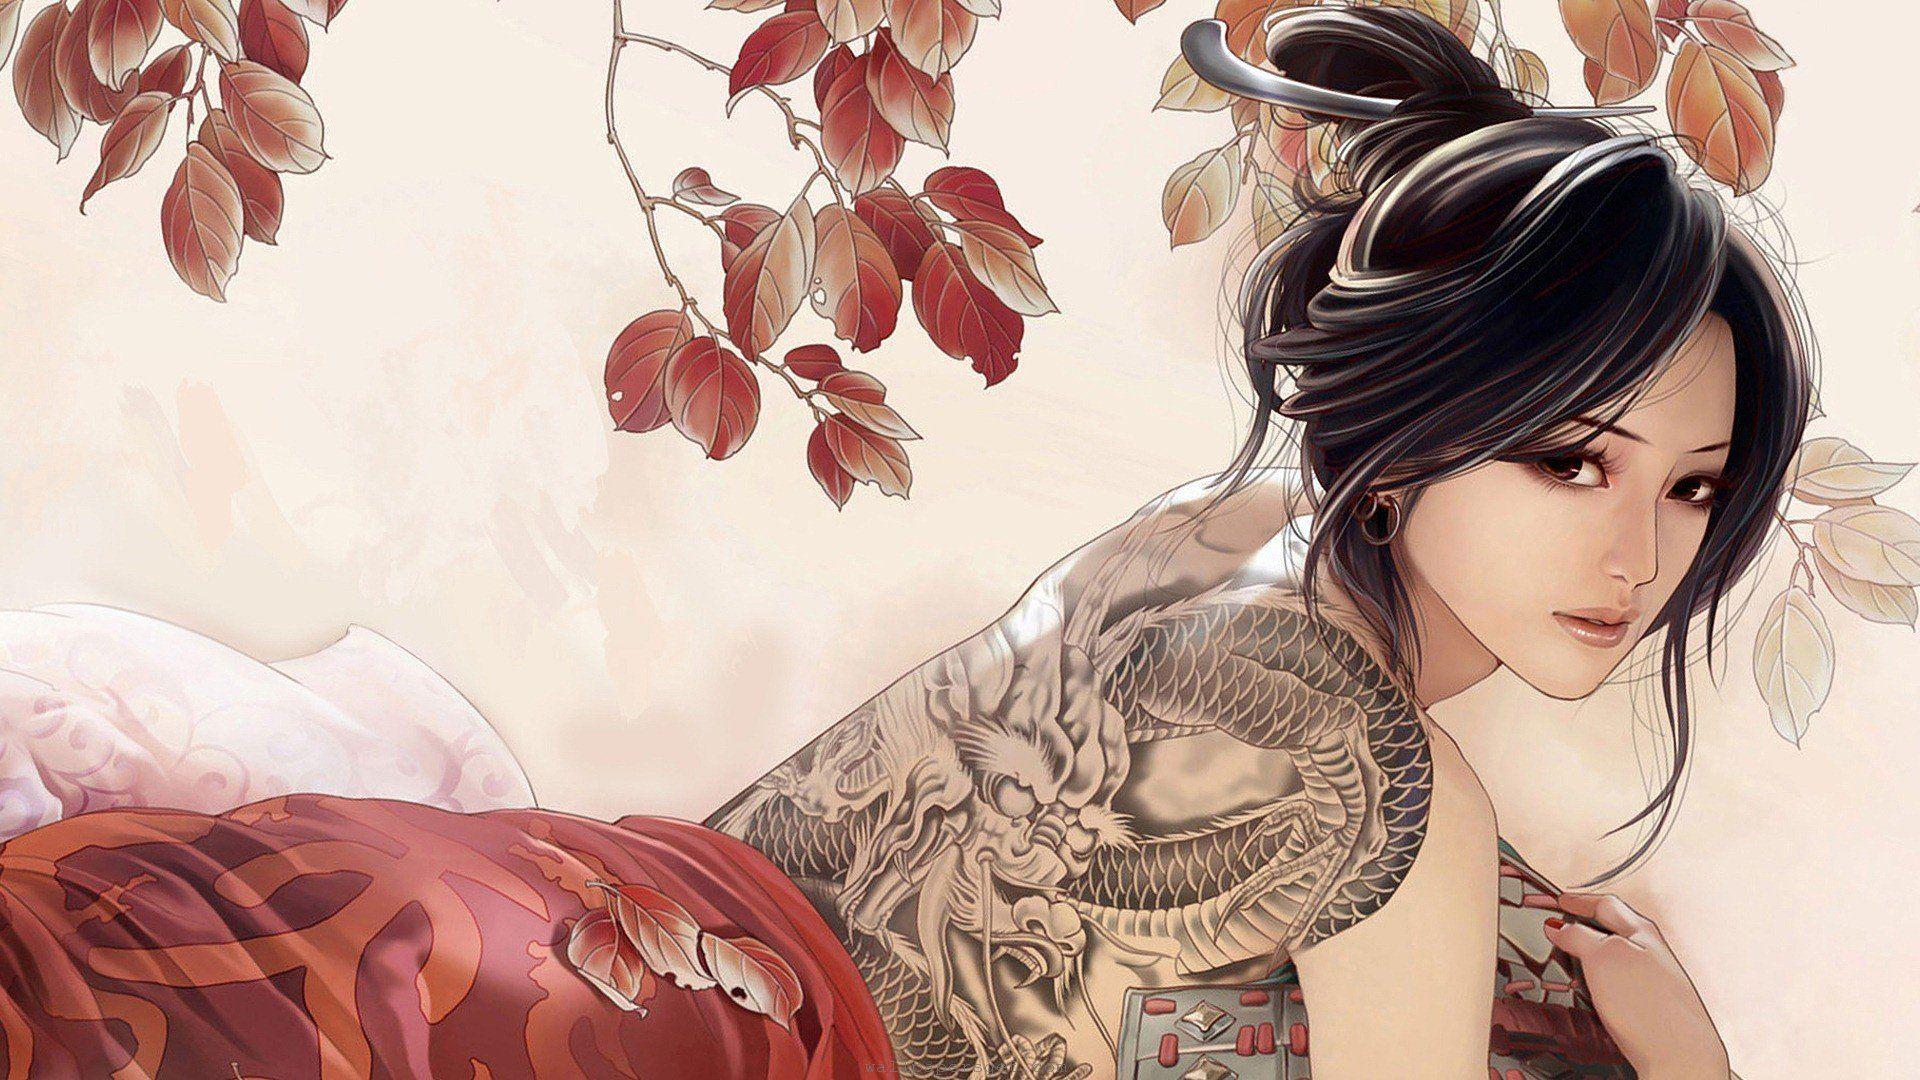 Tattooed Girls HD Images WallpapersCharlie 800×600 Tattoo